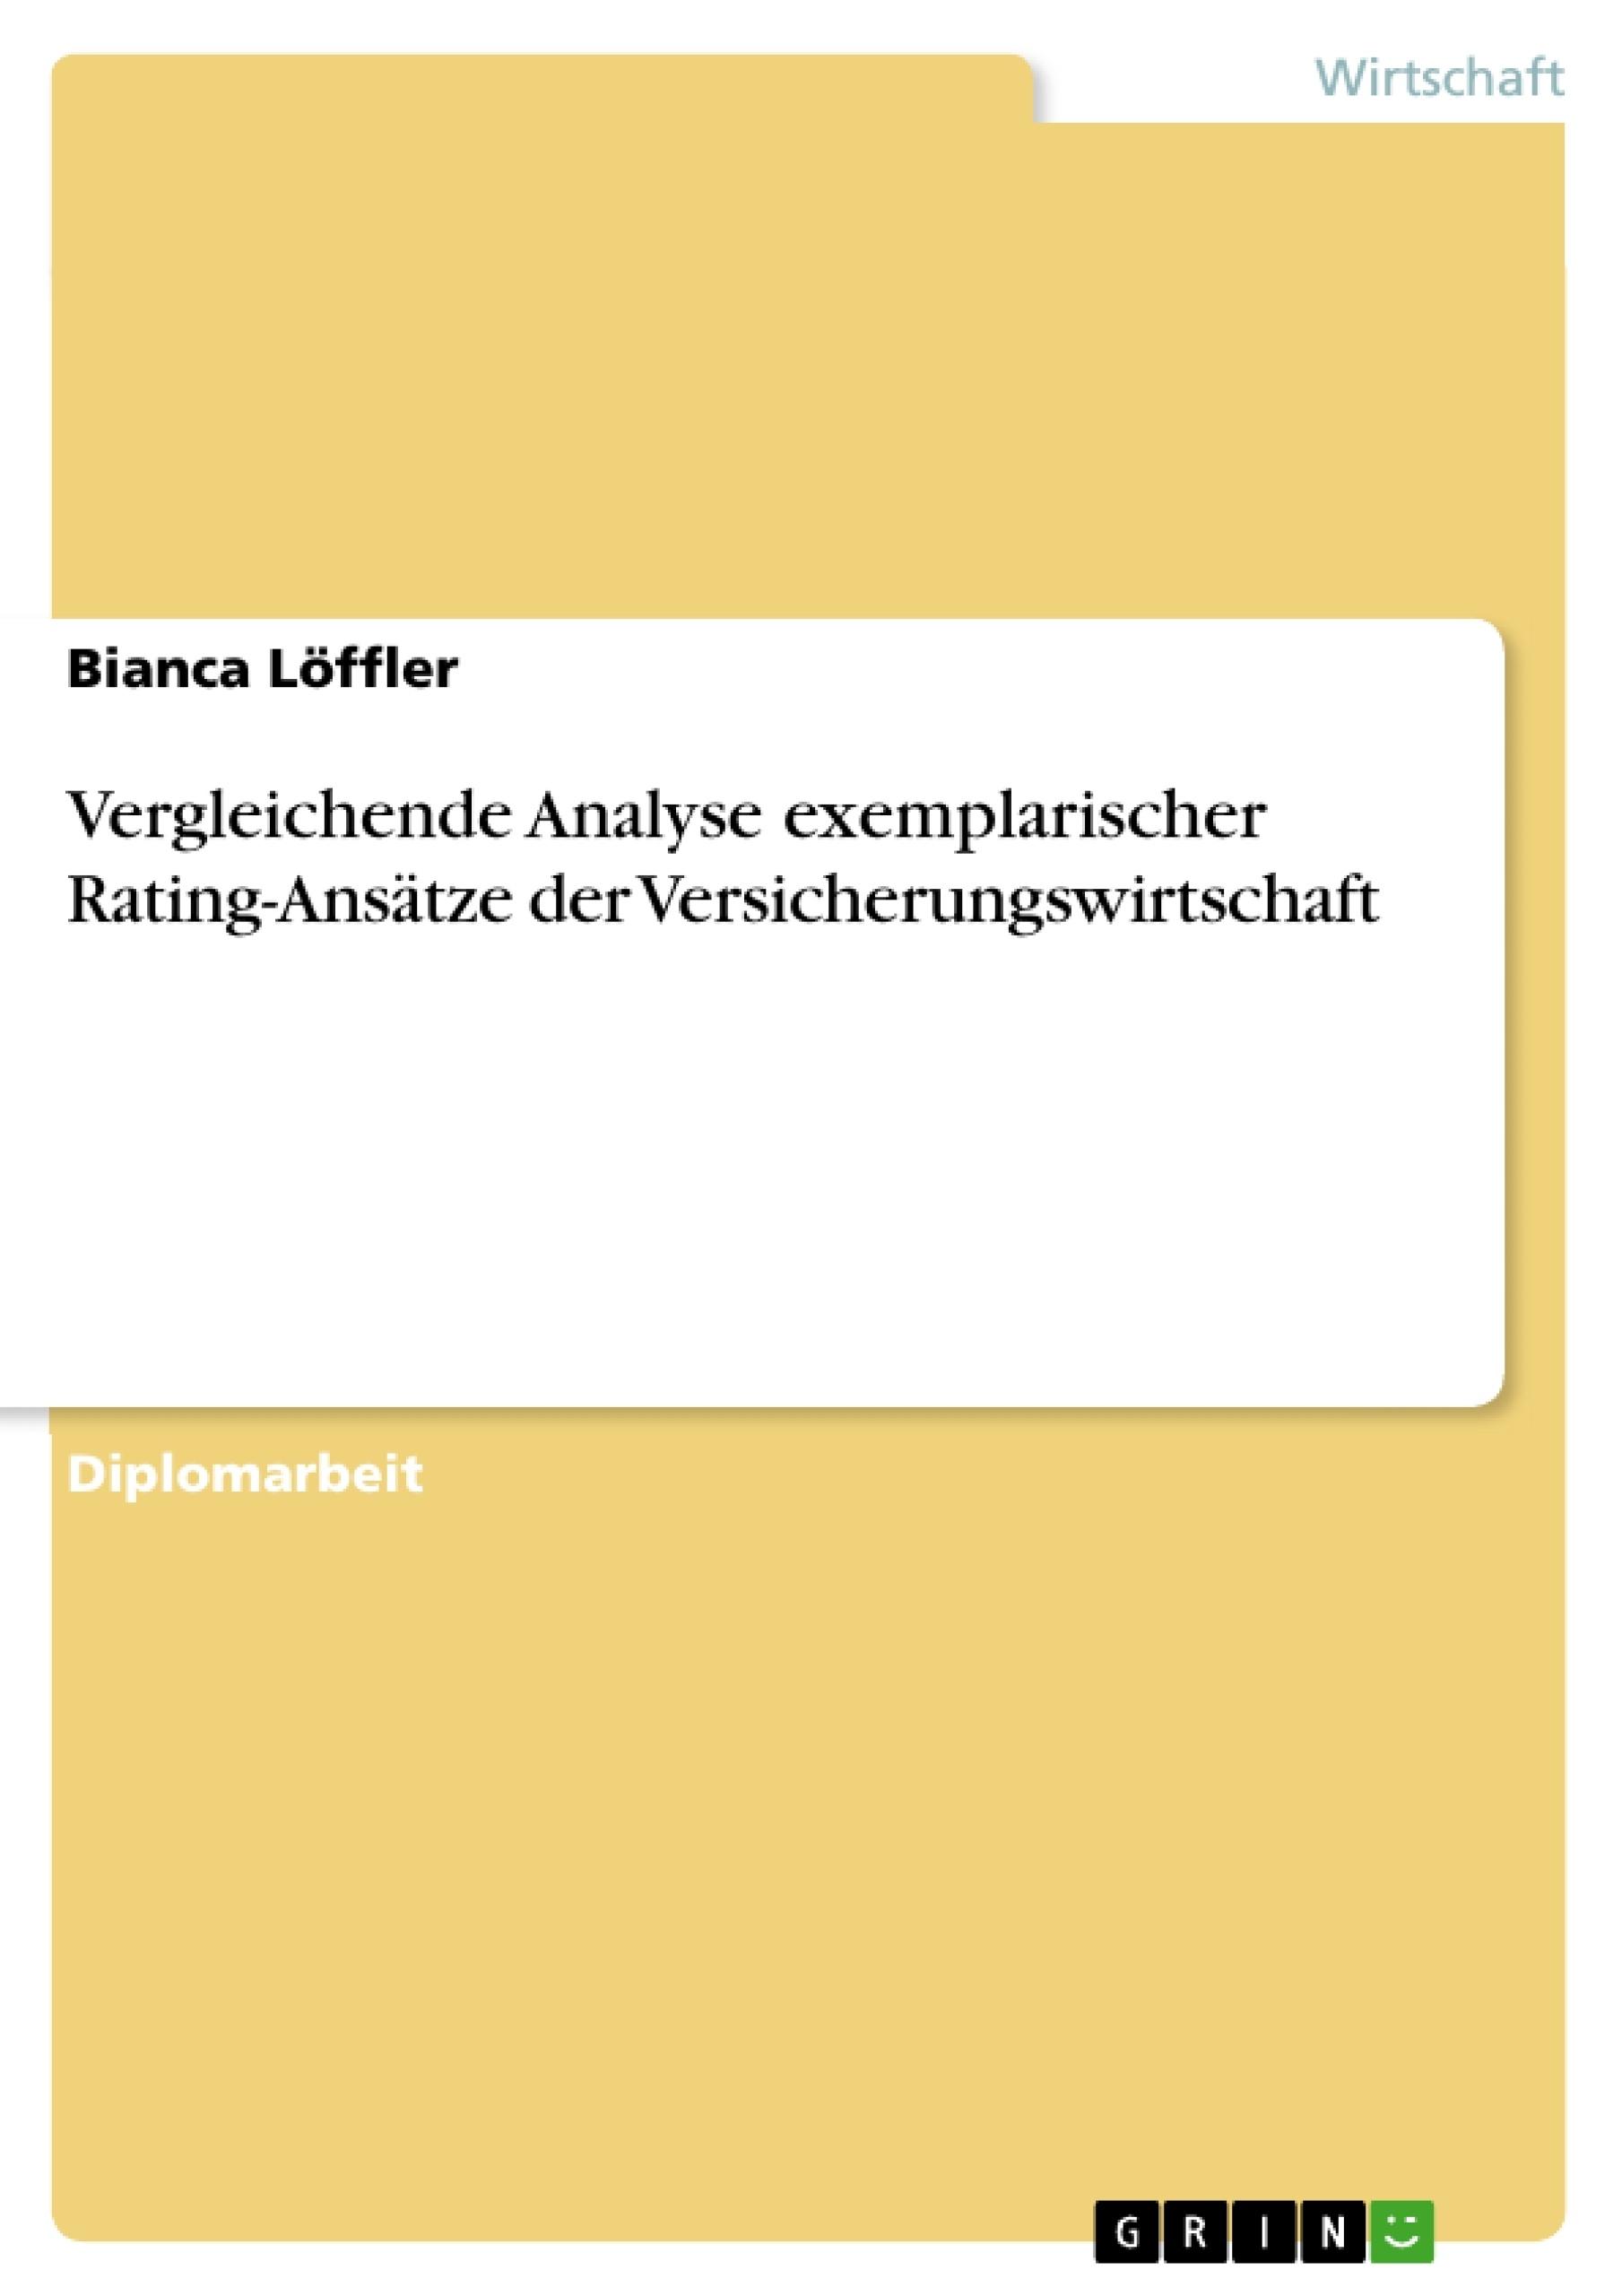 Titel: Vergleichende Analyse exemplarischer Rating-Ansätze der Versicherungswirtschaft